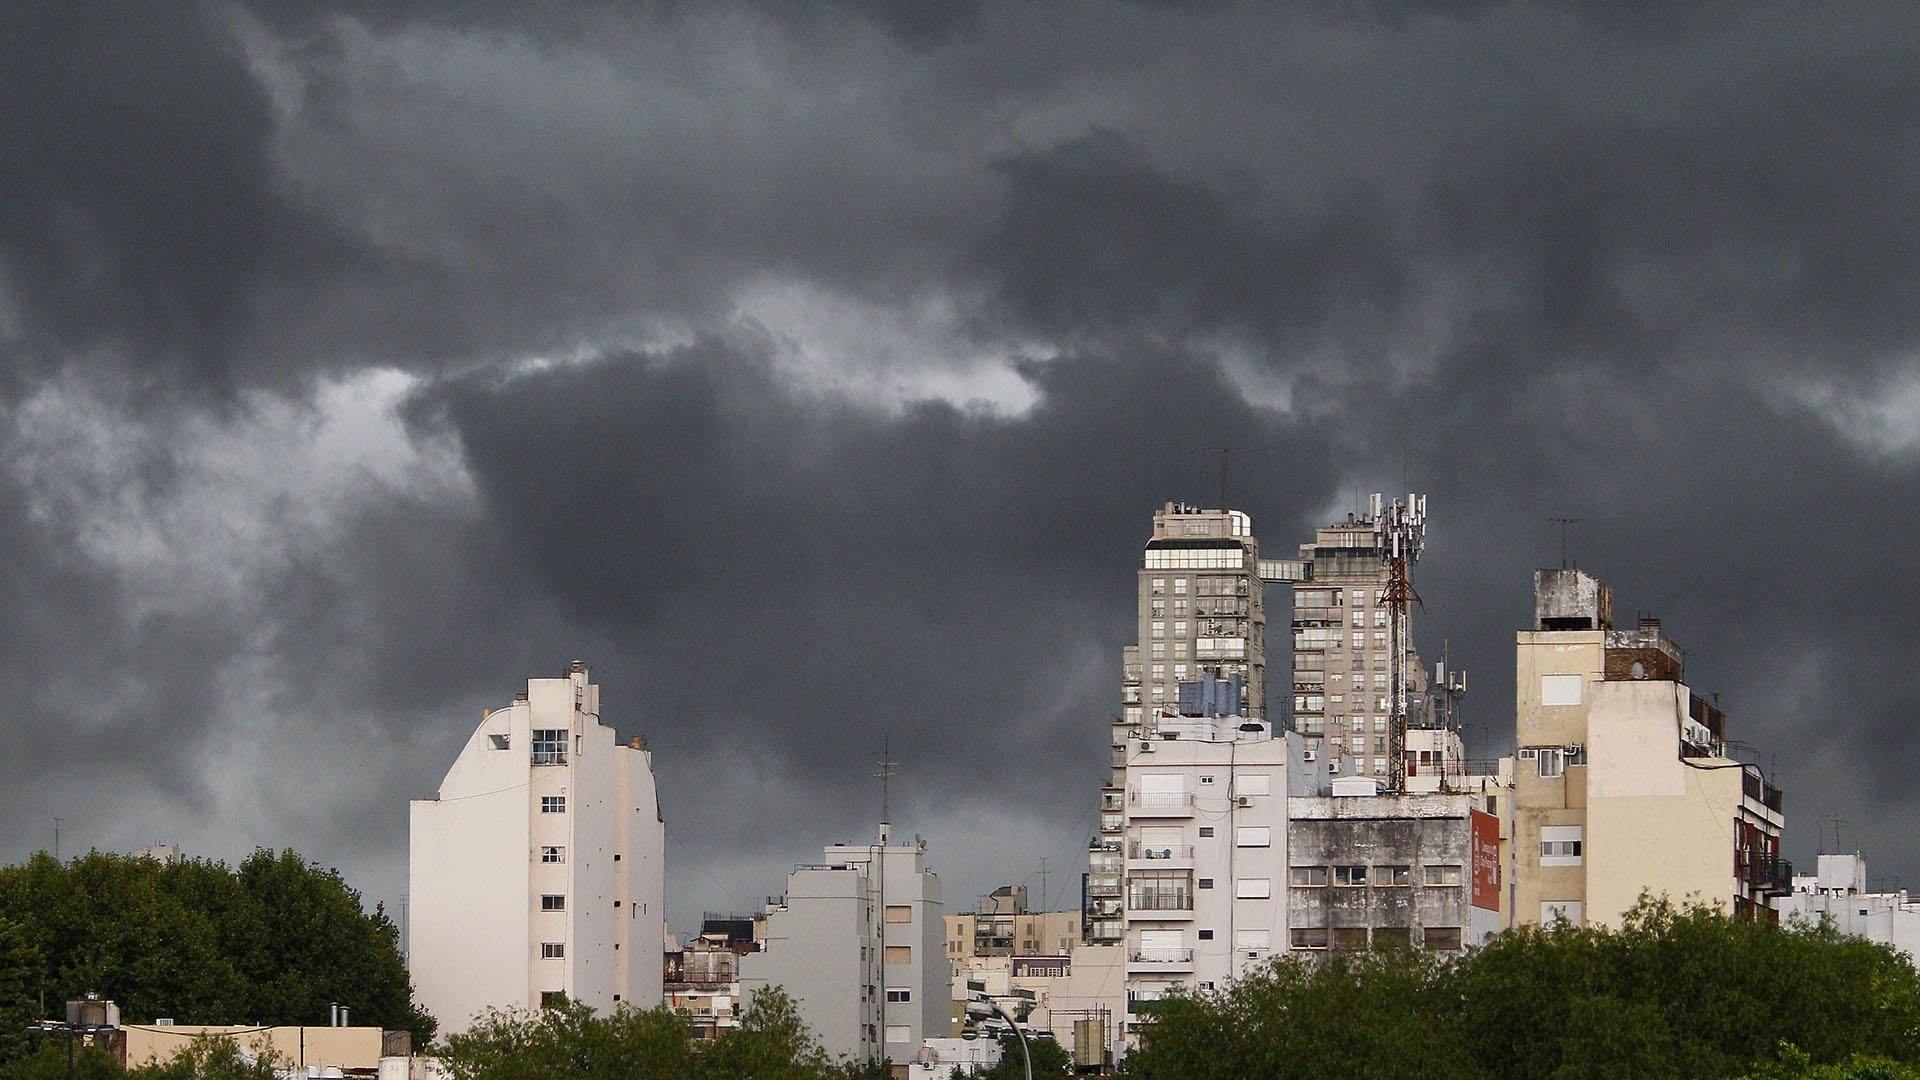 Anunciaron tormentas y ráfagas de viento en diversos sectores del país (Imagen de archivo)